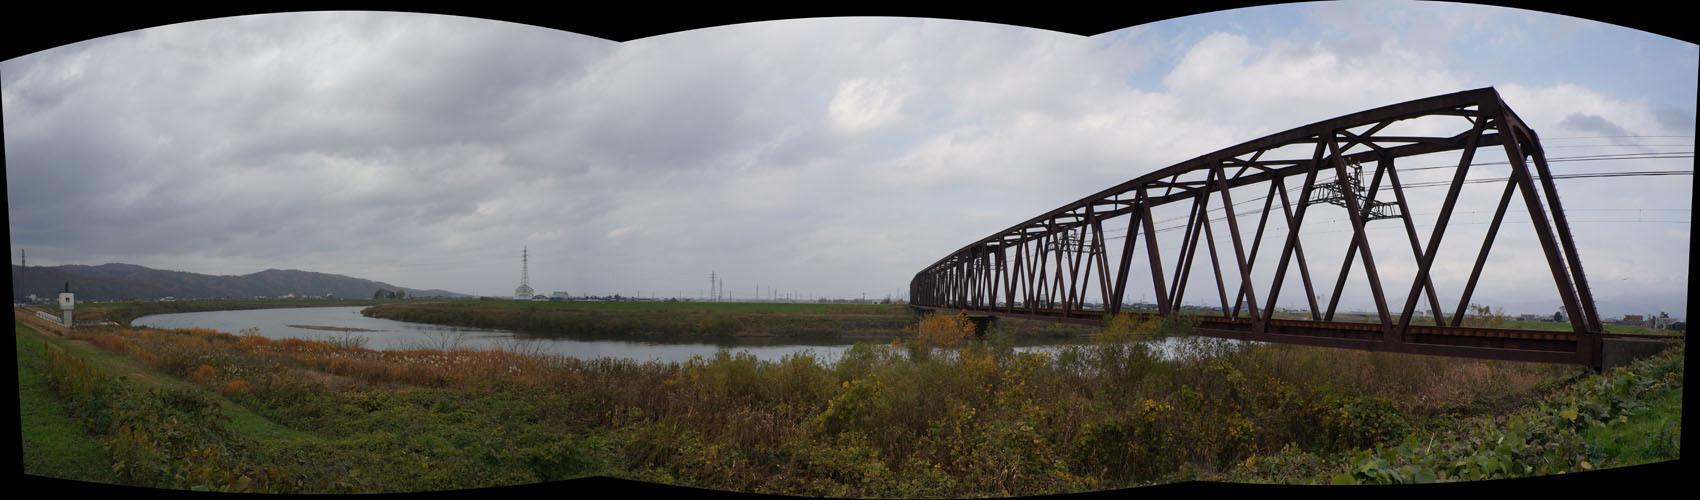 九頭竜川と「えちぜん鉄道三国芦原線 」_f0159784_22274803.jpg